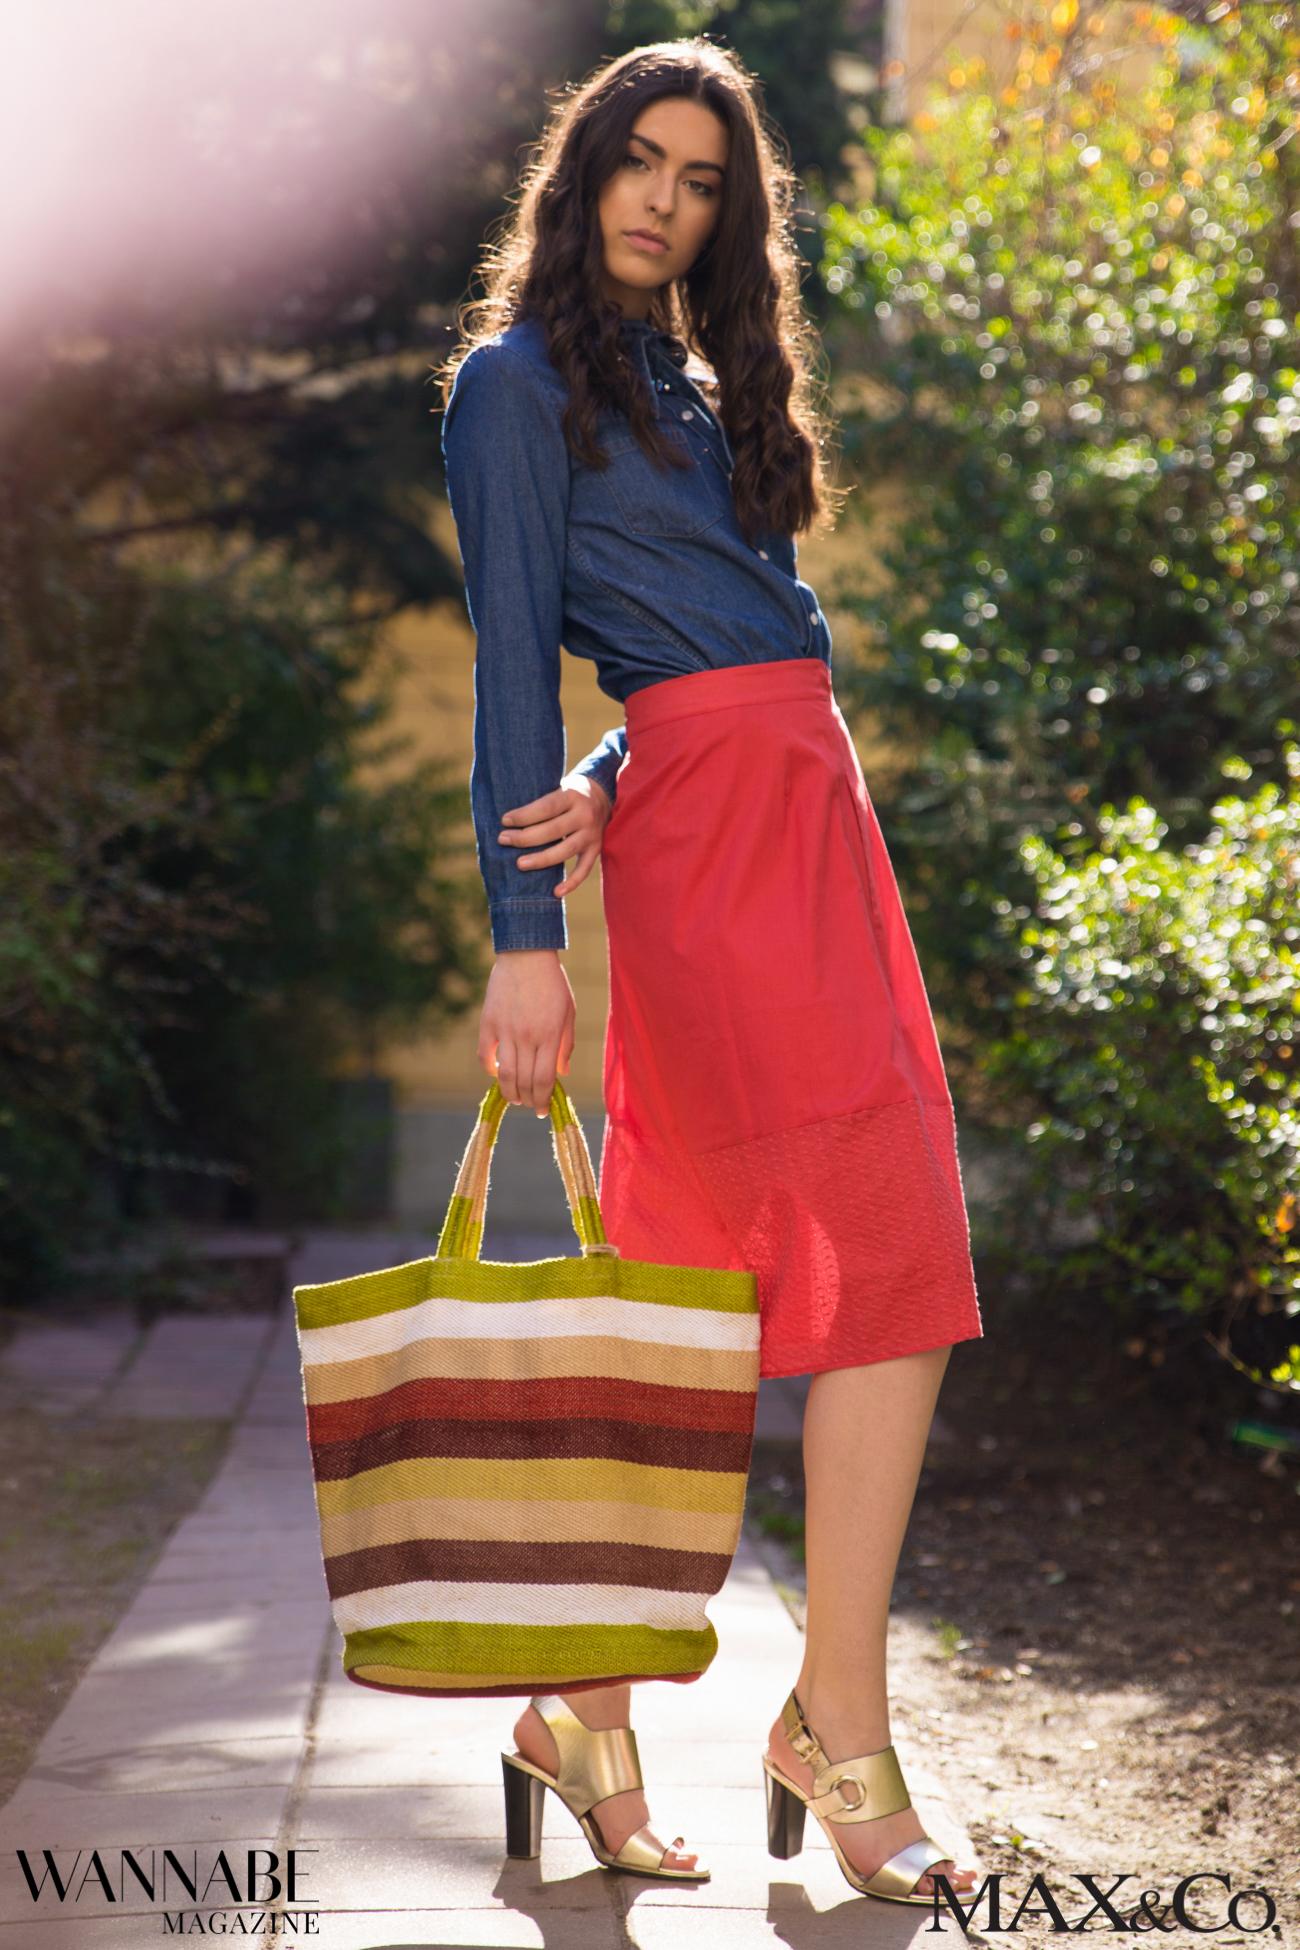 MaxCo 1 2 2 Probaj ovu kombinaciju za proleće: Denim košulja i crvena suknja!